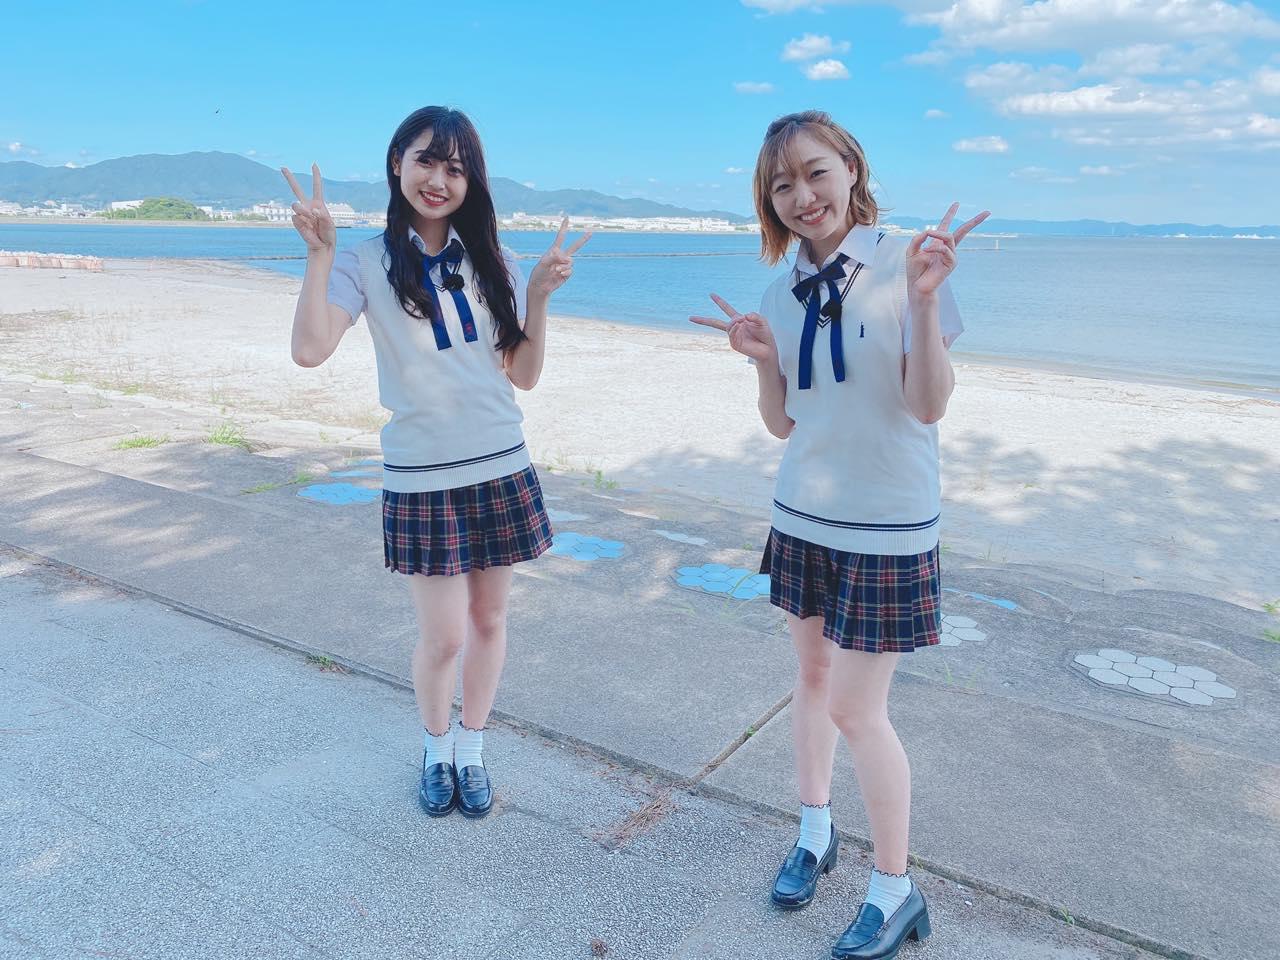 「SKE48は君と歌いたい」須田亜香里&青海ひな乃が蒲郡海鮮市場を訪ね、販売員の男性と出会う②